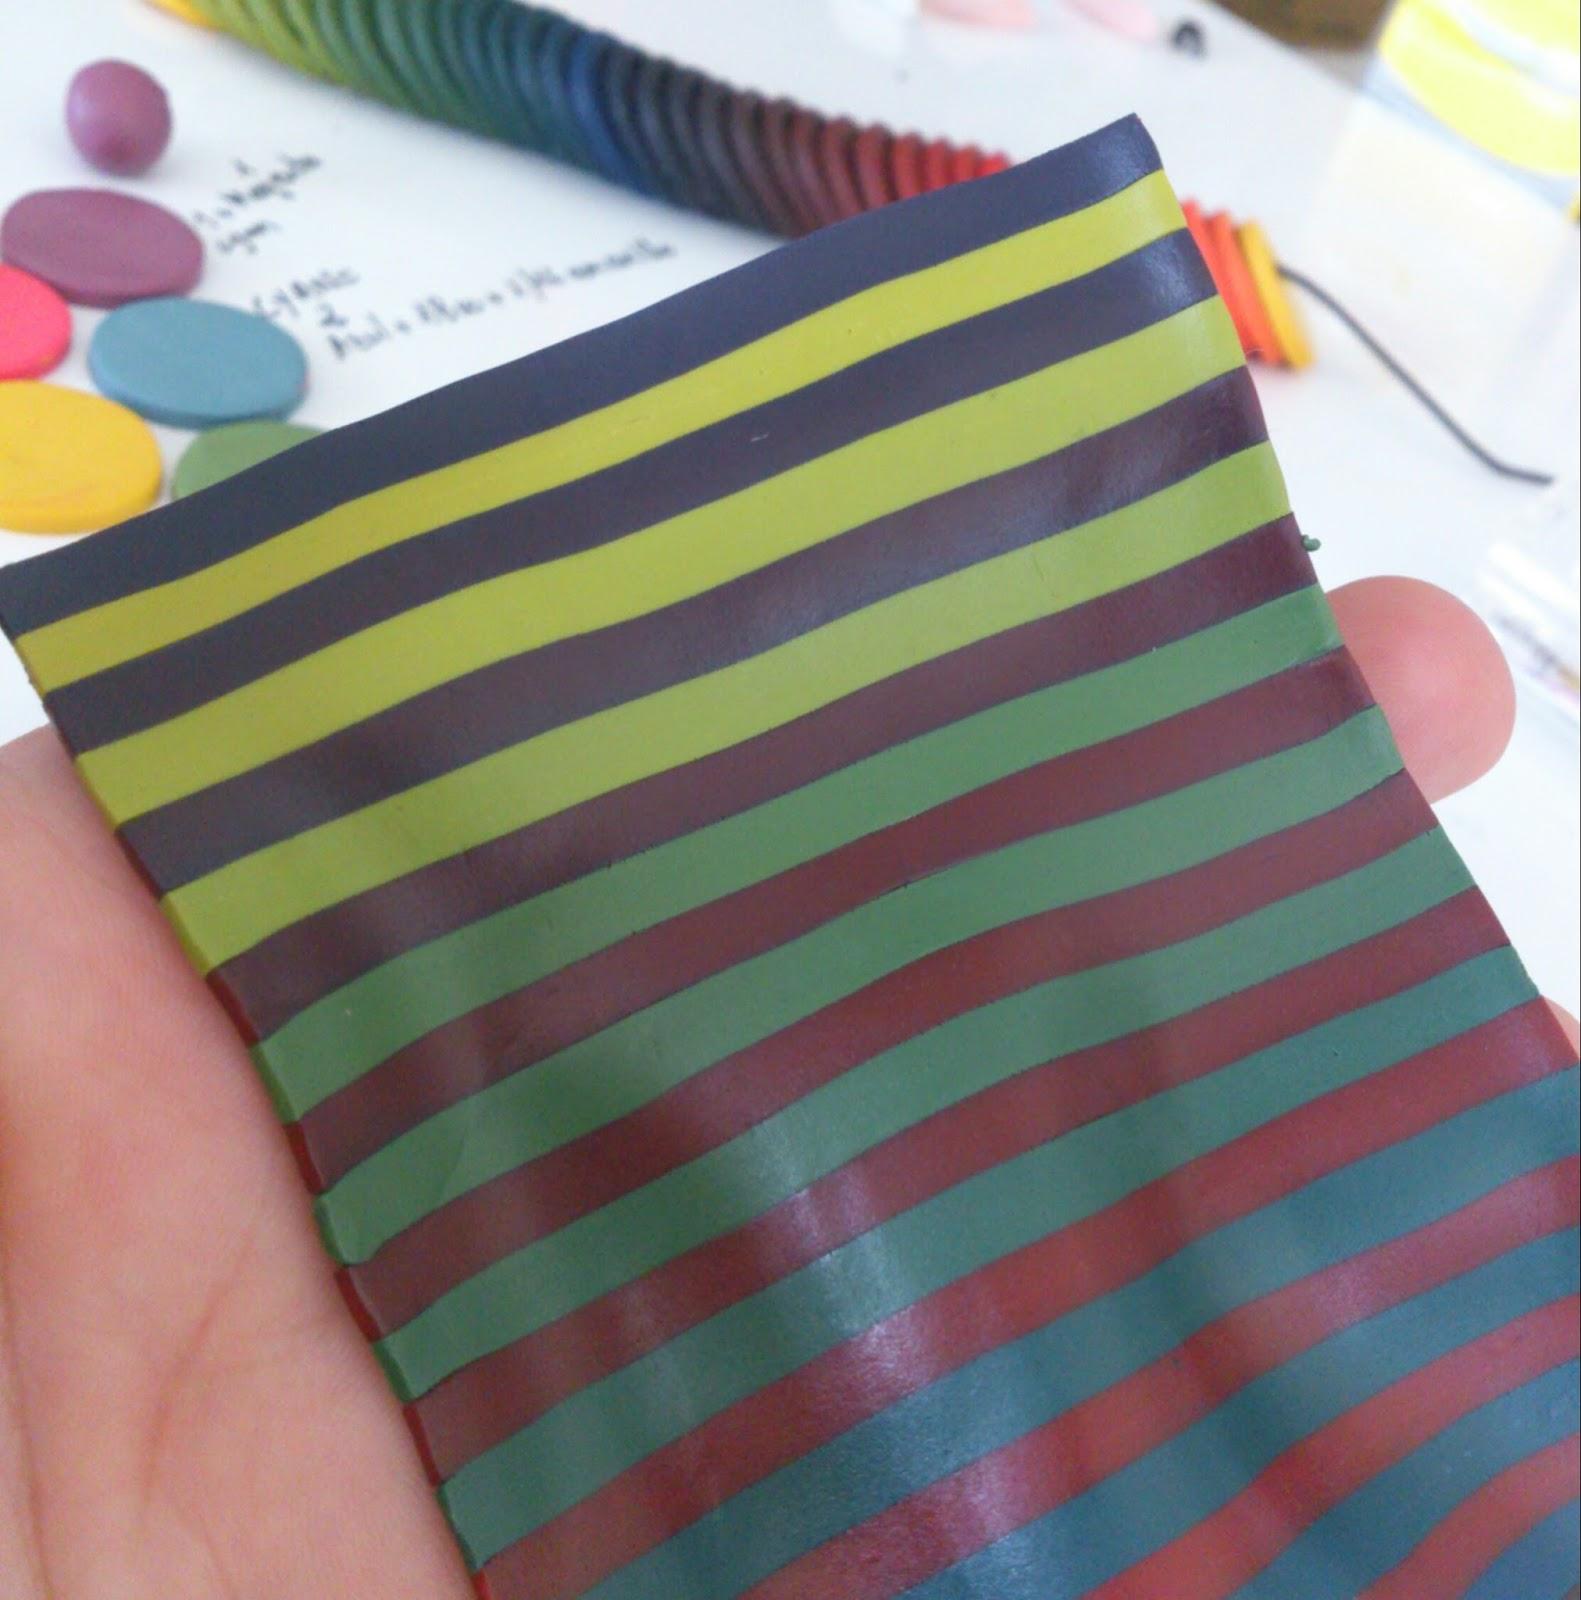 gama o escala de color con arcilla polimérica